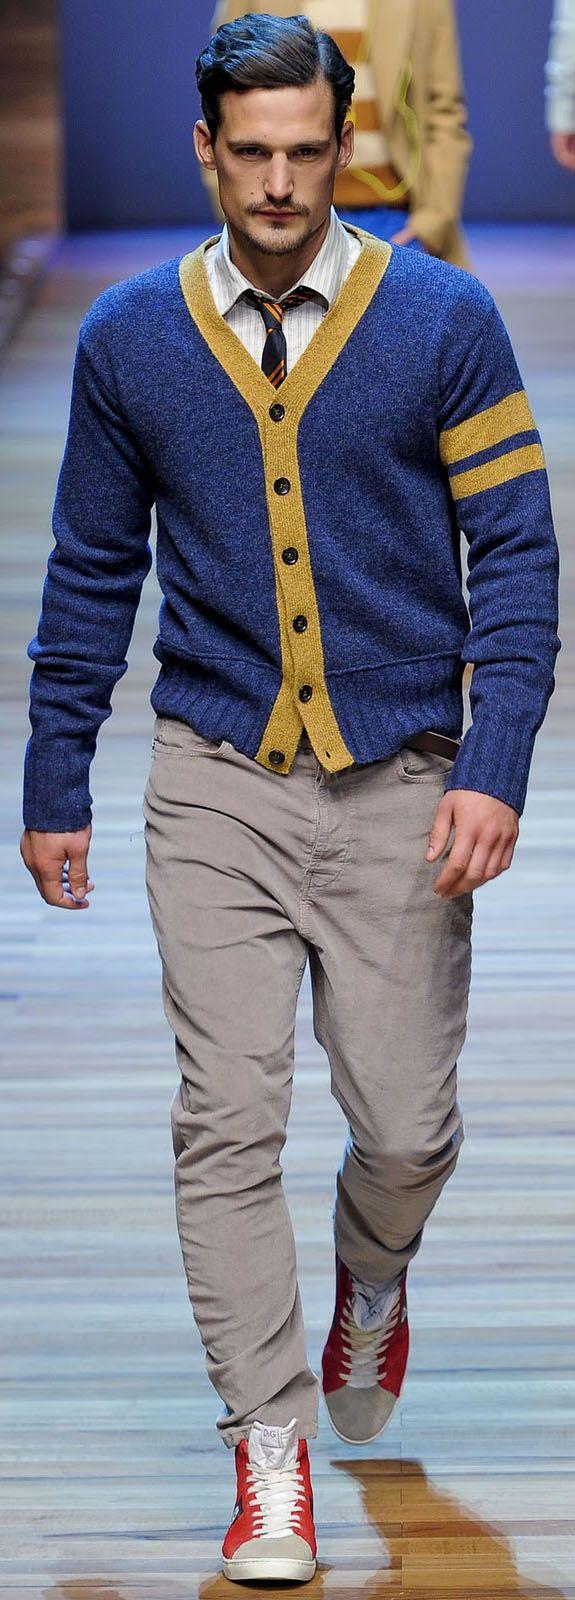 Dolce and Gabbana menswear